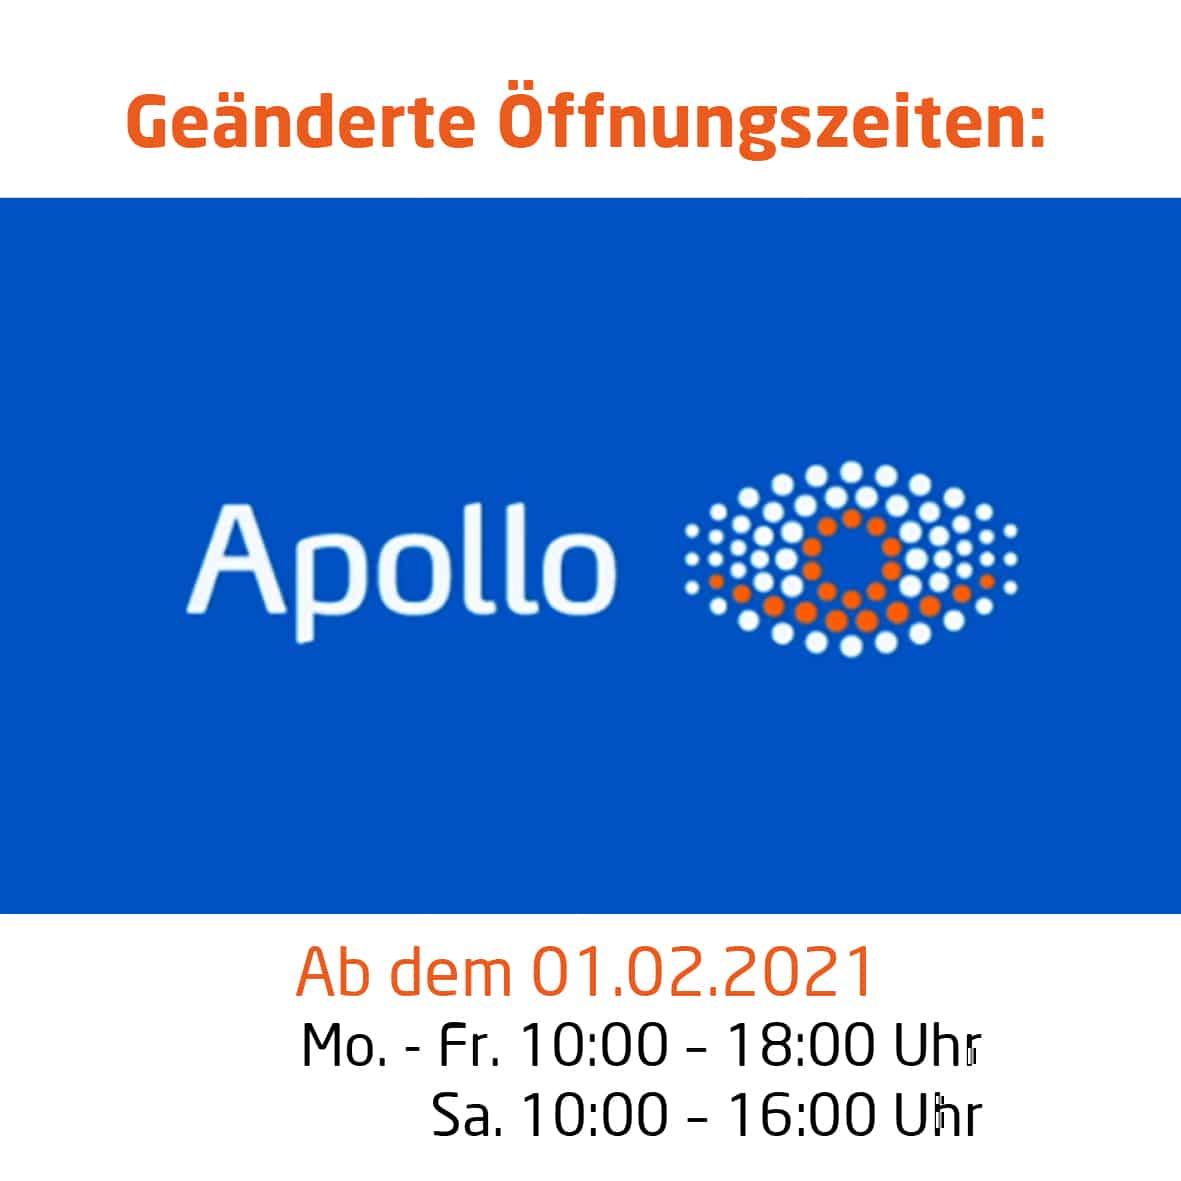 GEÄNDERTE ÖFFNUNGSZEITEN BEI APOLLO OPTIK AB DEM 01.02.2021